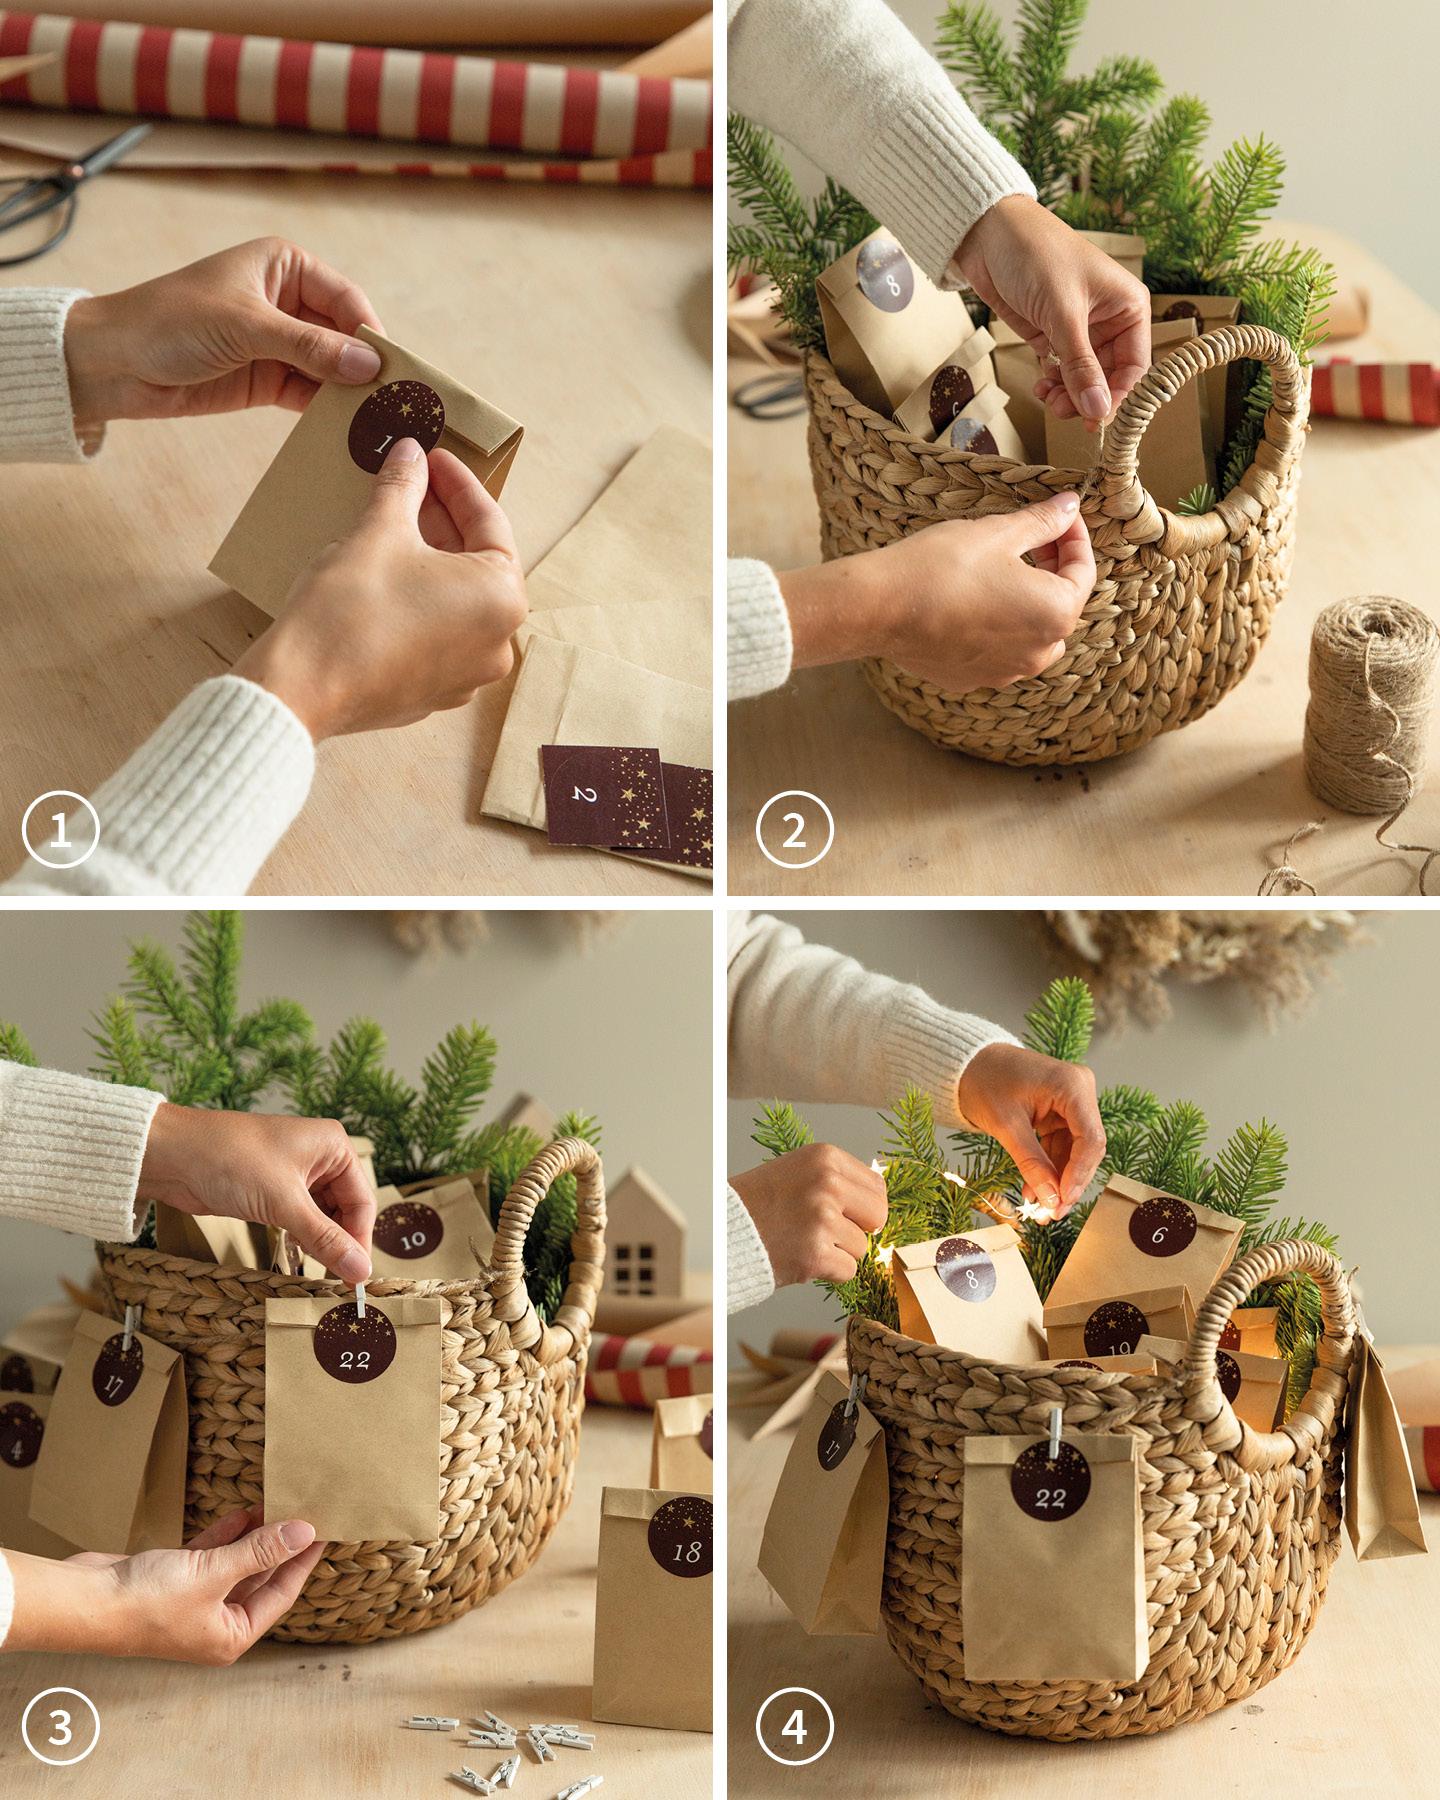 Adventskalender selber basteln: Tüten aus Kraftpapier werden mit Süßigkeiten gefüllt und in einen Weidenkorb gestellt.